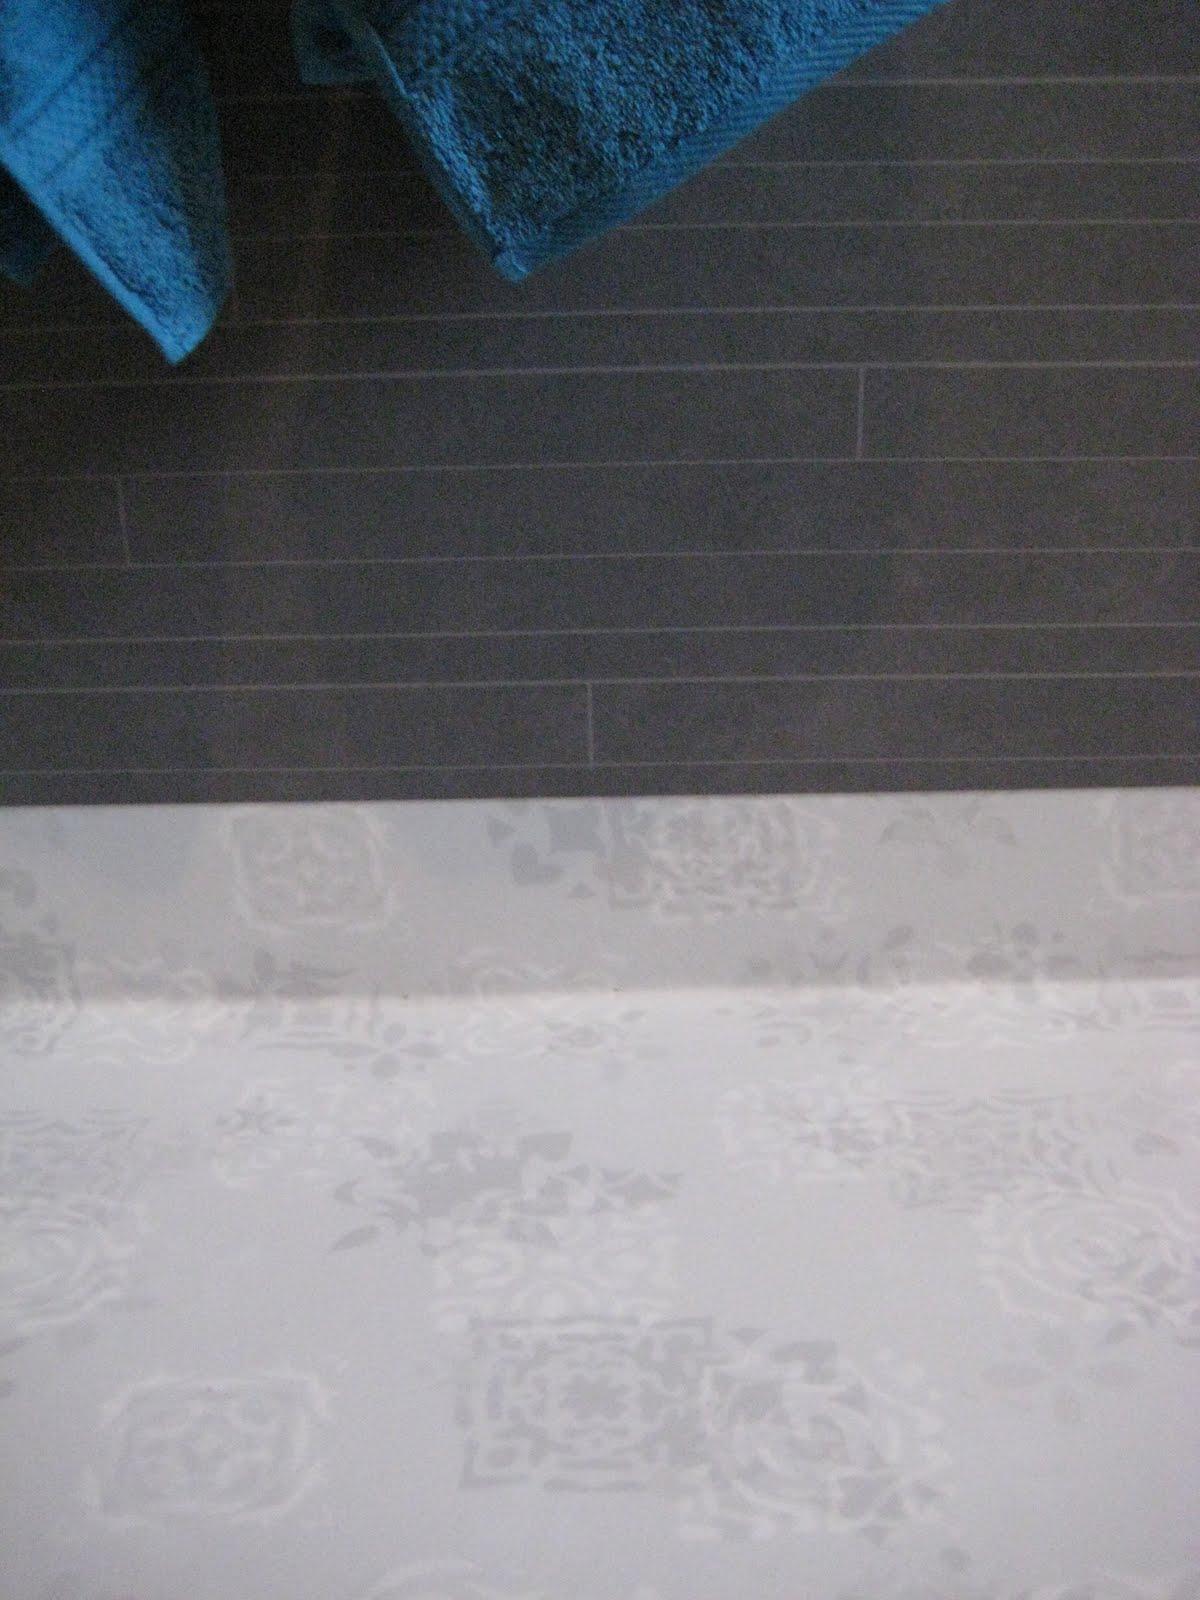 Badrum kakel halva väggen ~ xellen.com